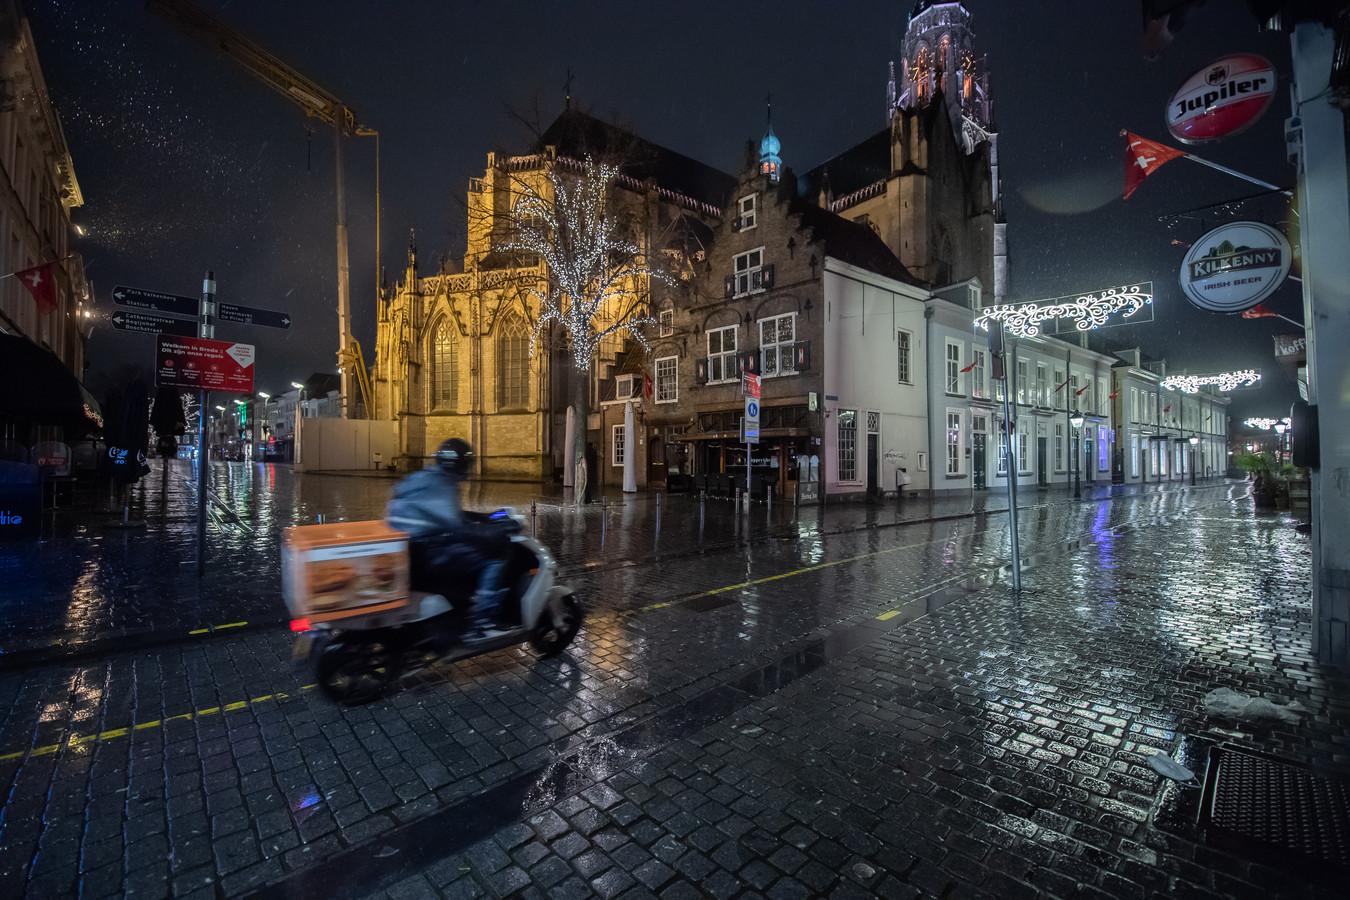 Verlaten straten  en pleinen tijdens de avondklok op zaterdag 23 januari. Hoek Reigerstraat/Grote Markt.